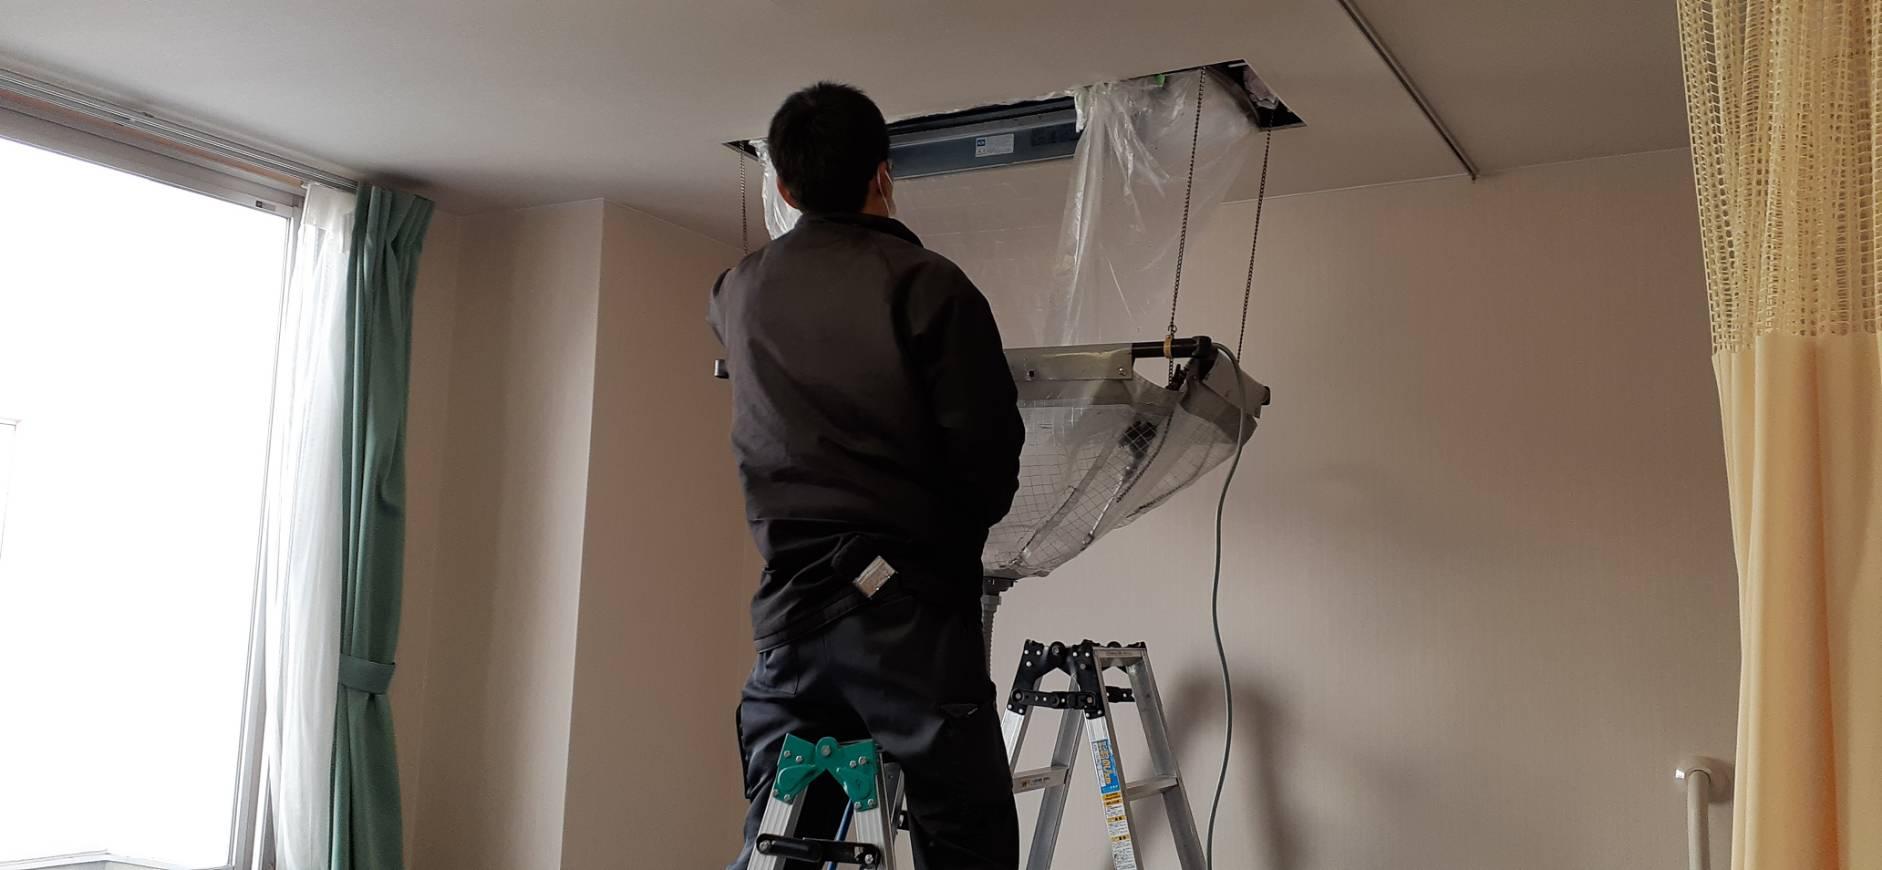 エアコンクリーニング及び室外機の簡易洗浄